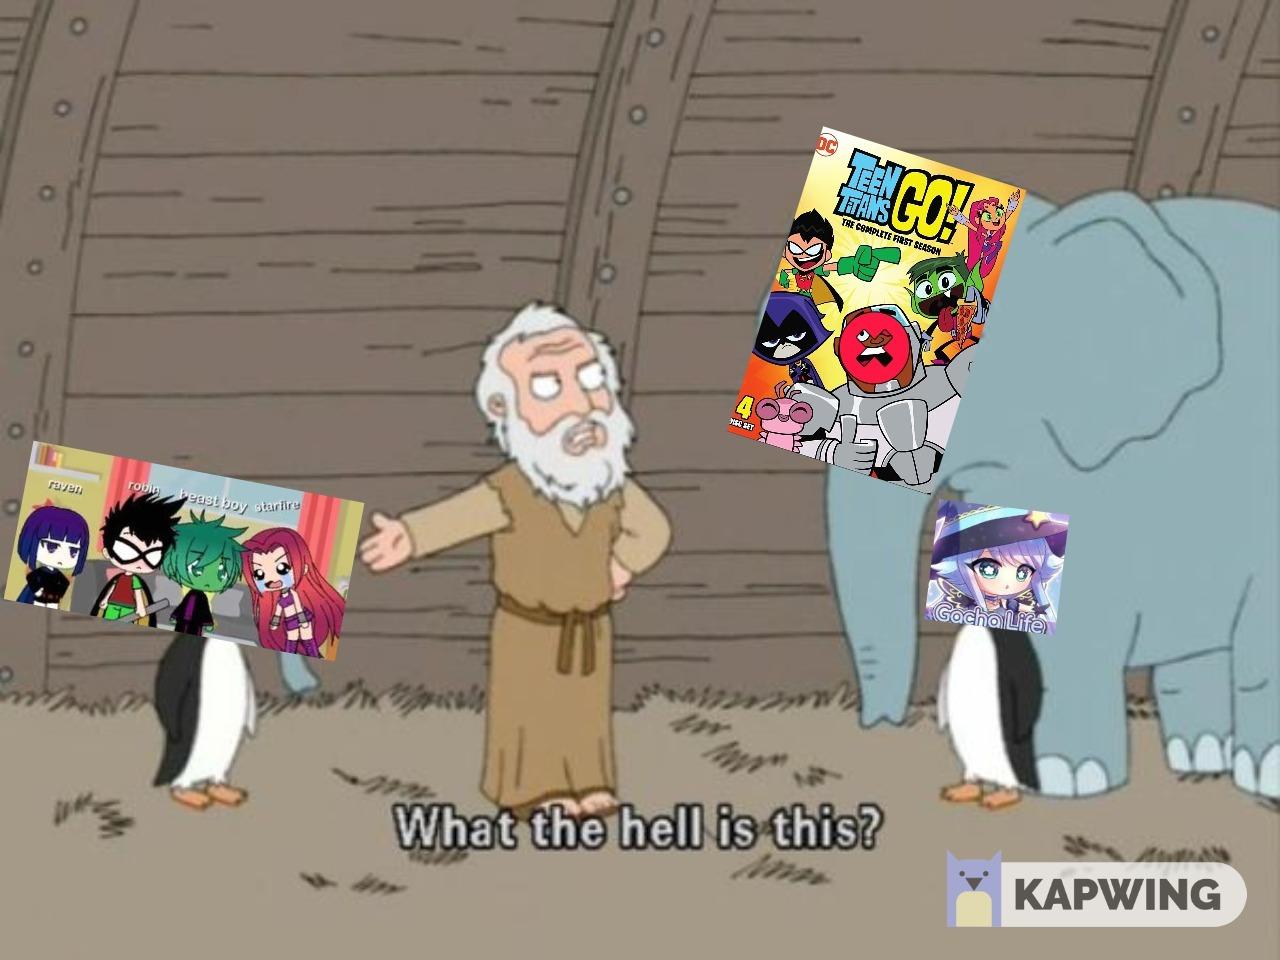 Yo los dejaba fures del arca - meme